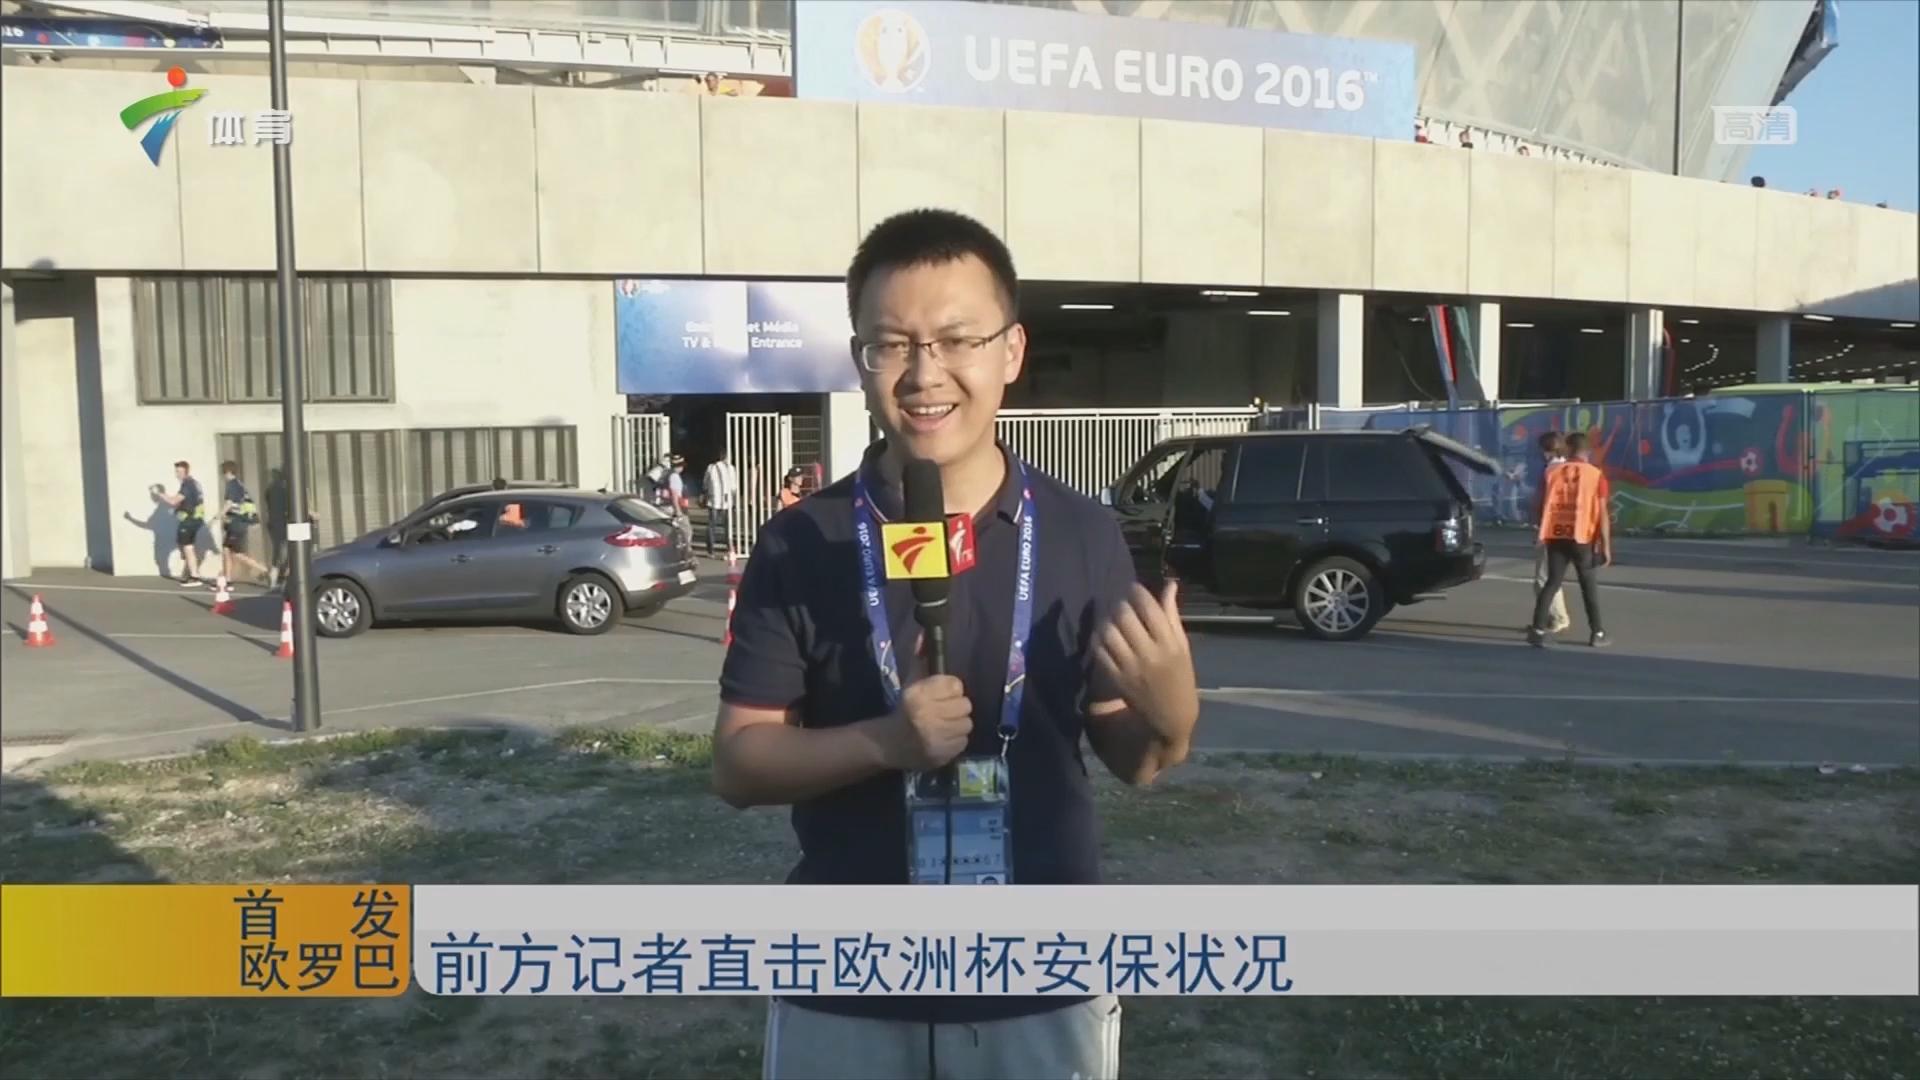 前方记者直击欧洲杯安保状况